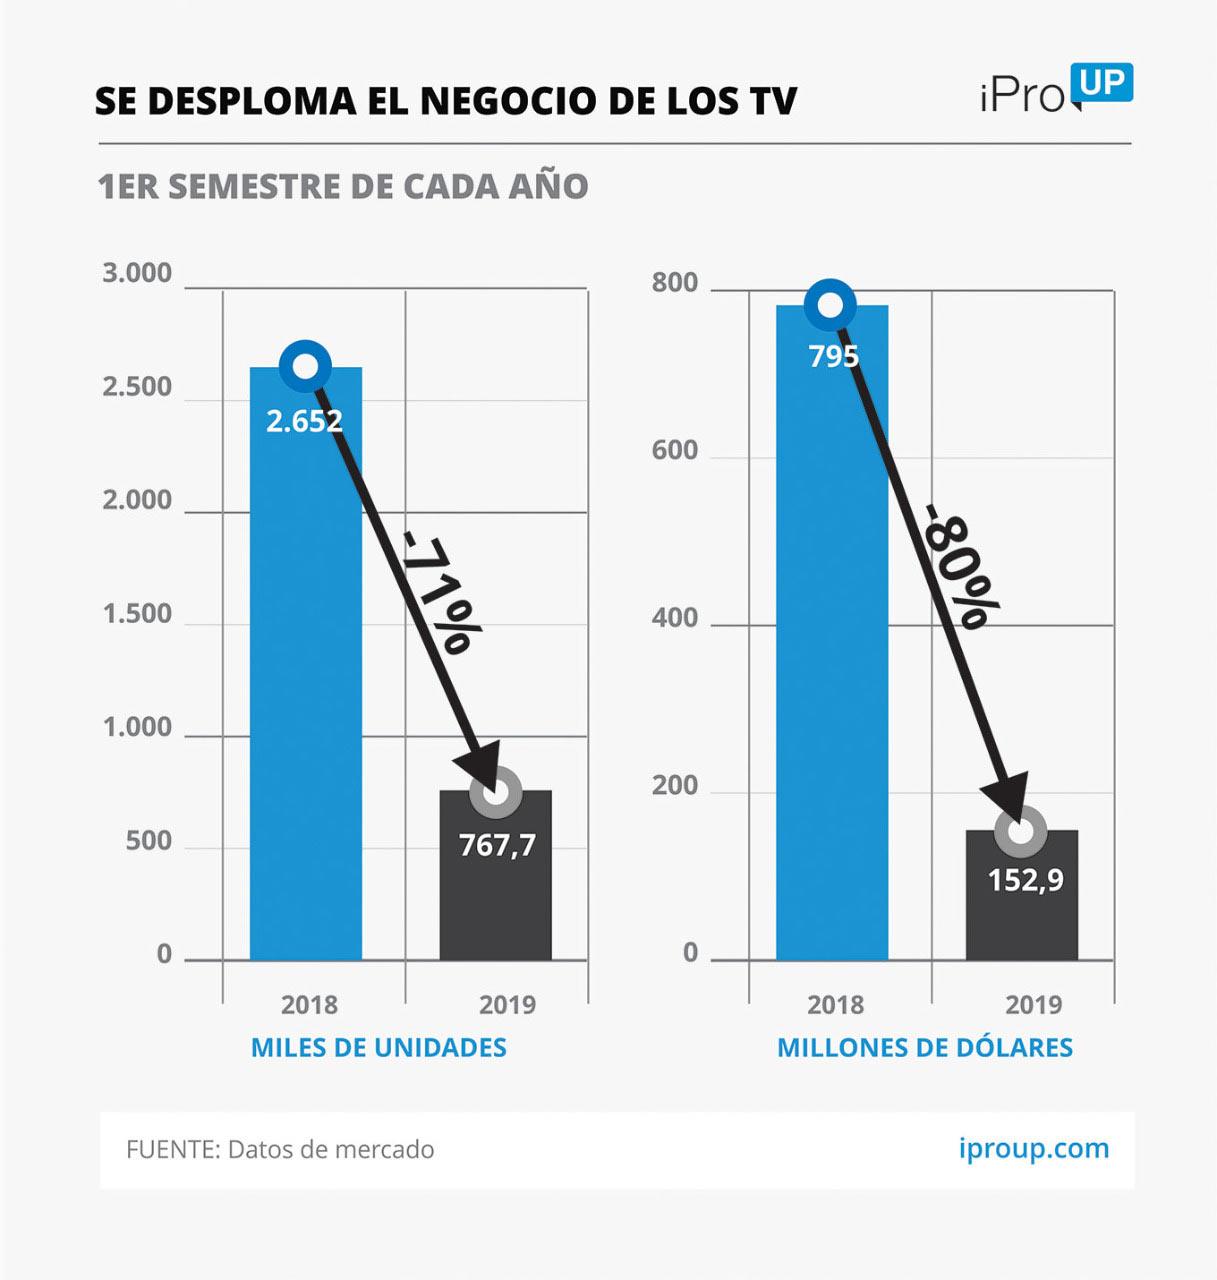 كان للدولار البالغ 60 دولارًا تأثير قوي بالفعل على الإلكترونيات: زيادة عدد الهواتف المحمولة وأجهزة التلفزيون منذ PASO 2